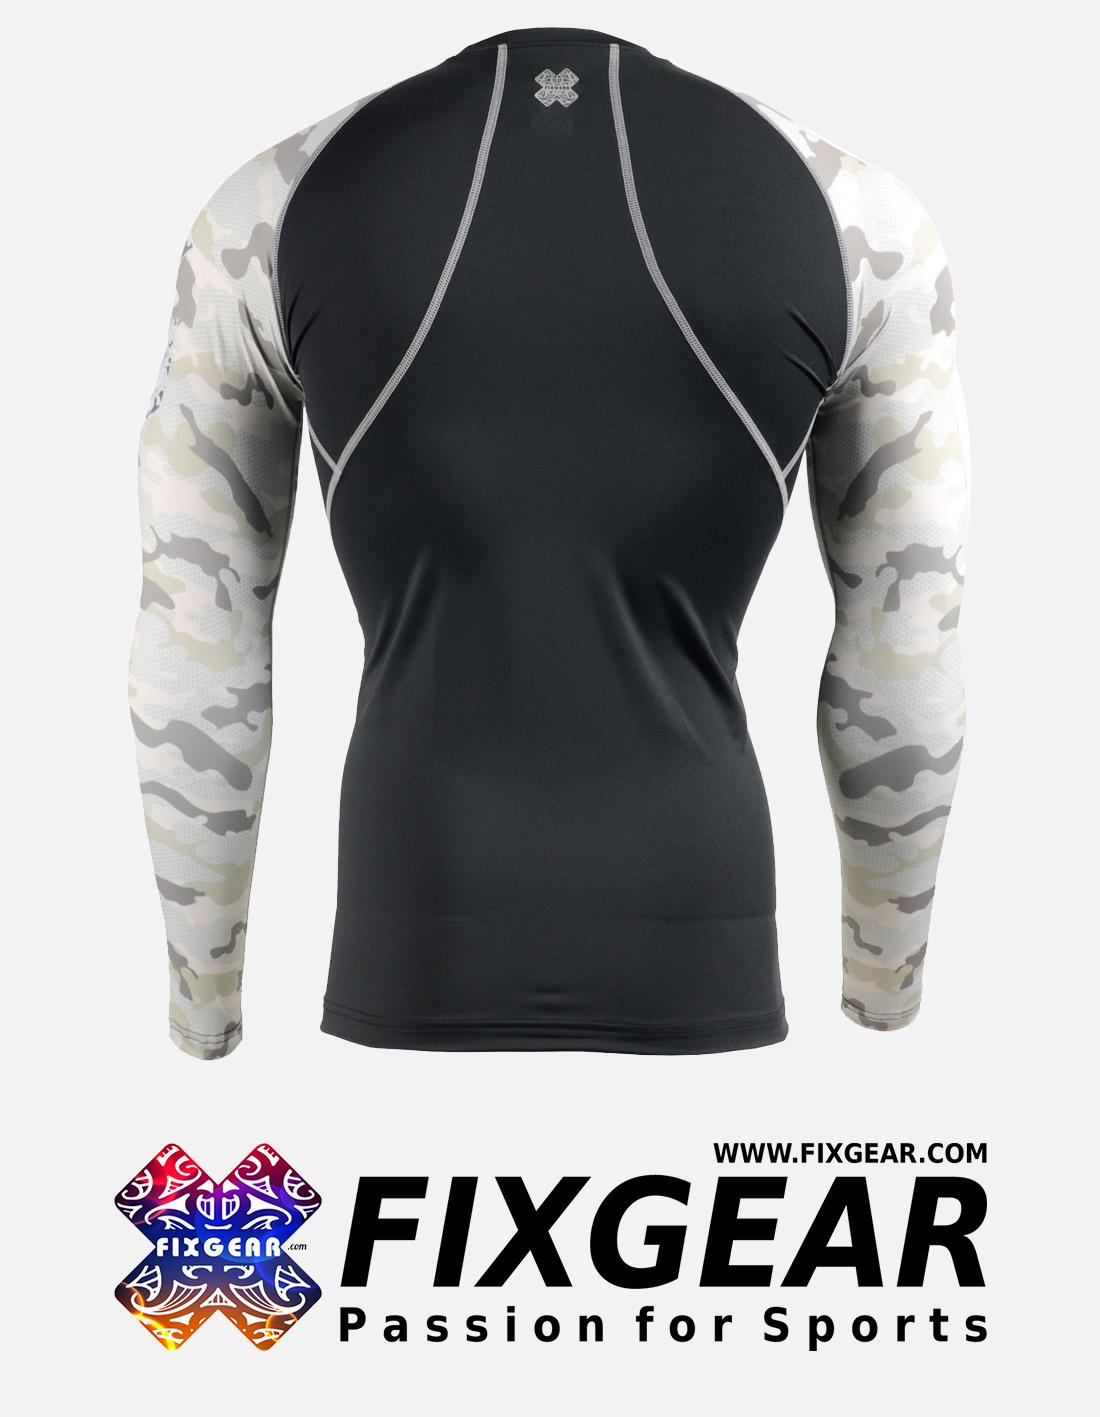 FIXGEAR CPD-BM1Y Compression Base Layer Shirt